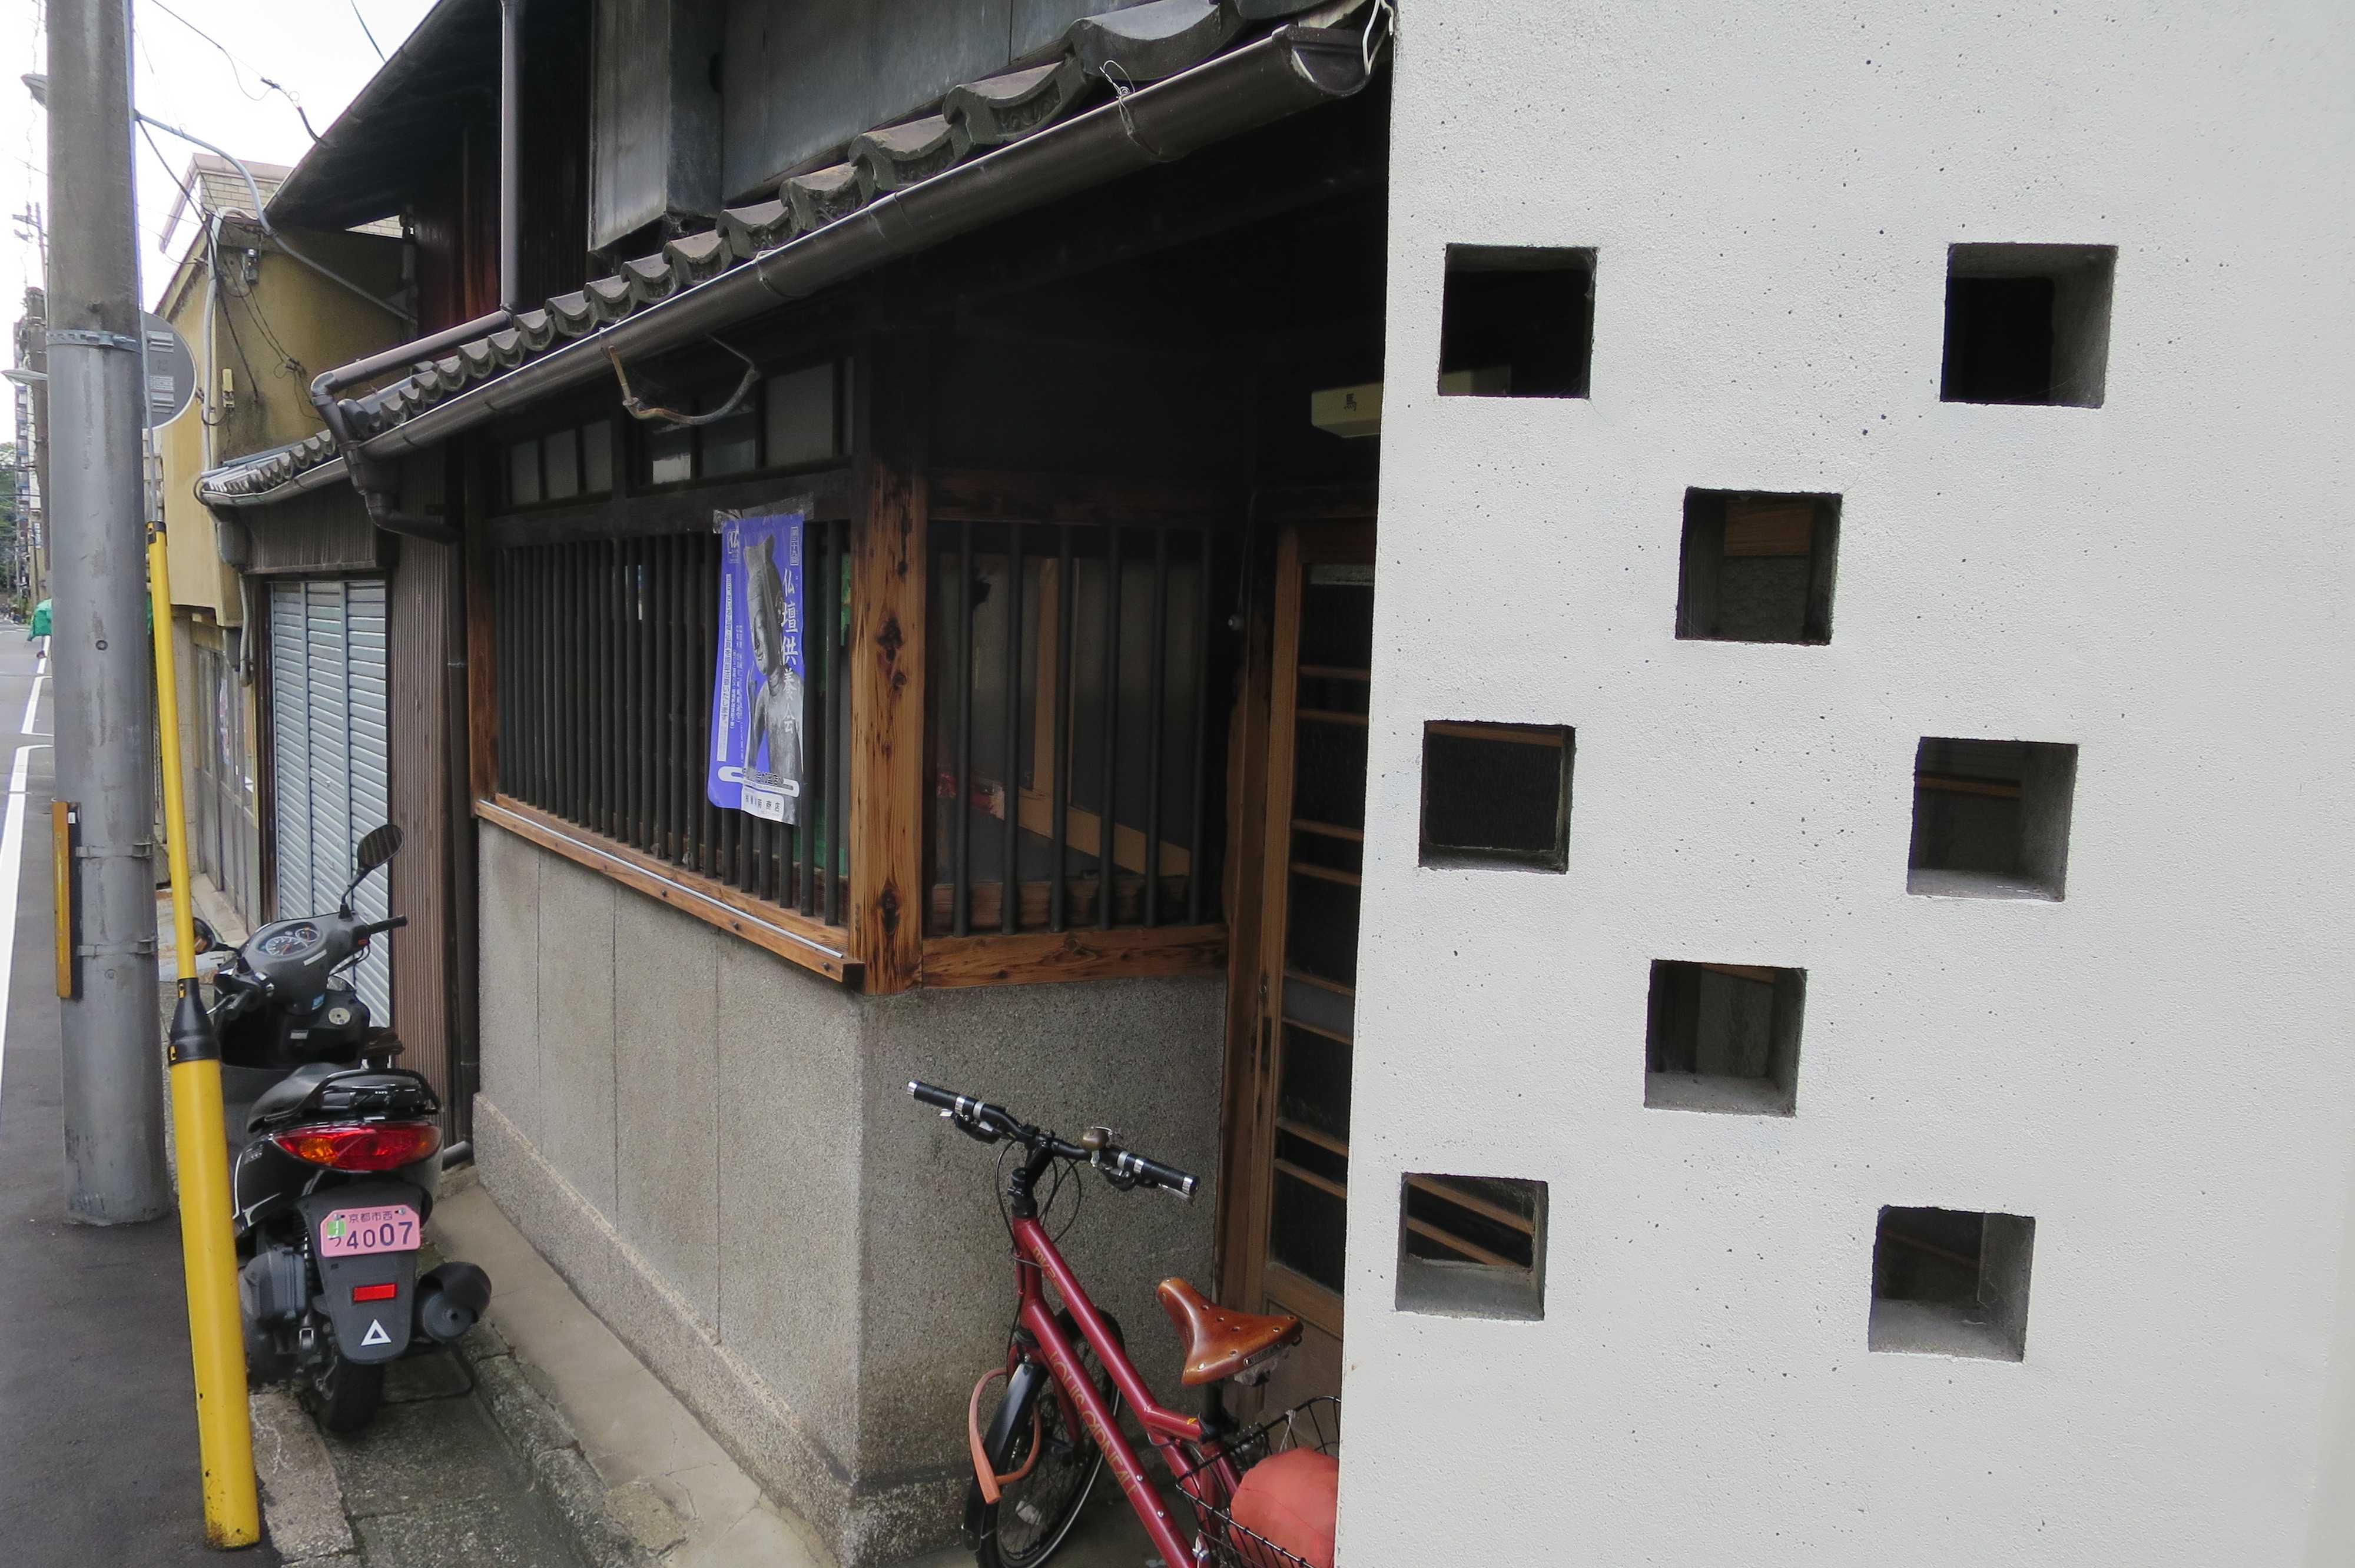 京都・五条楽園 - 白い壁の四角い穴